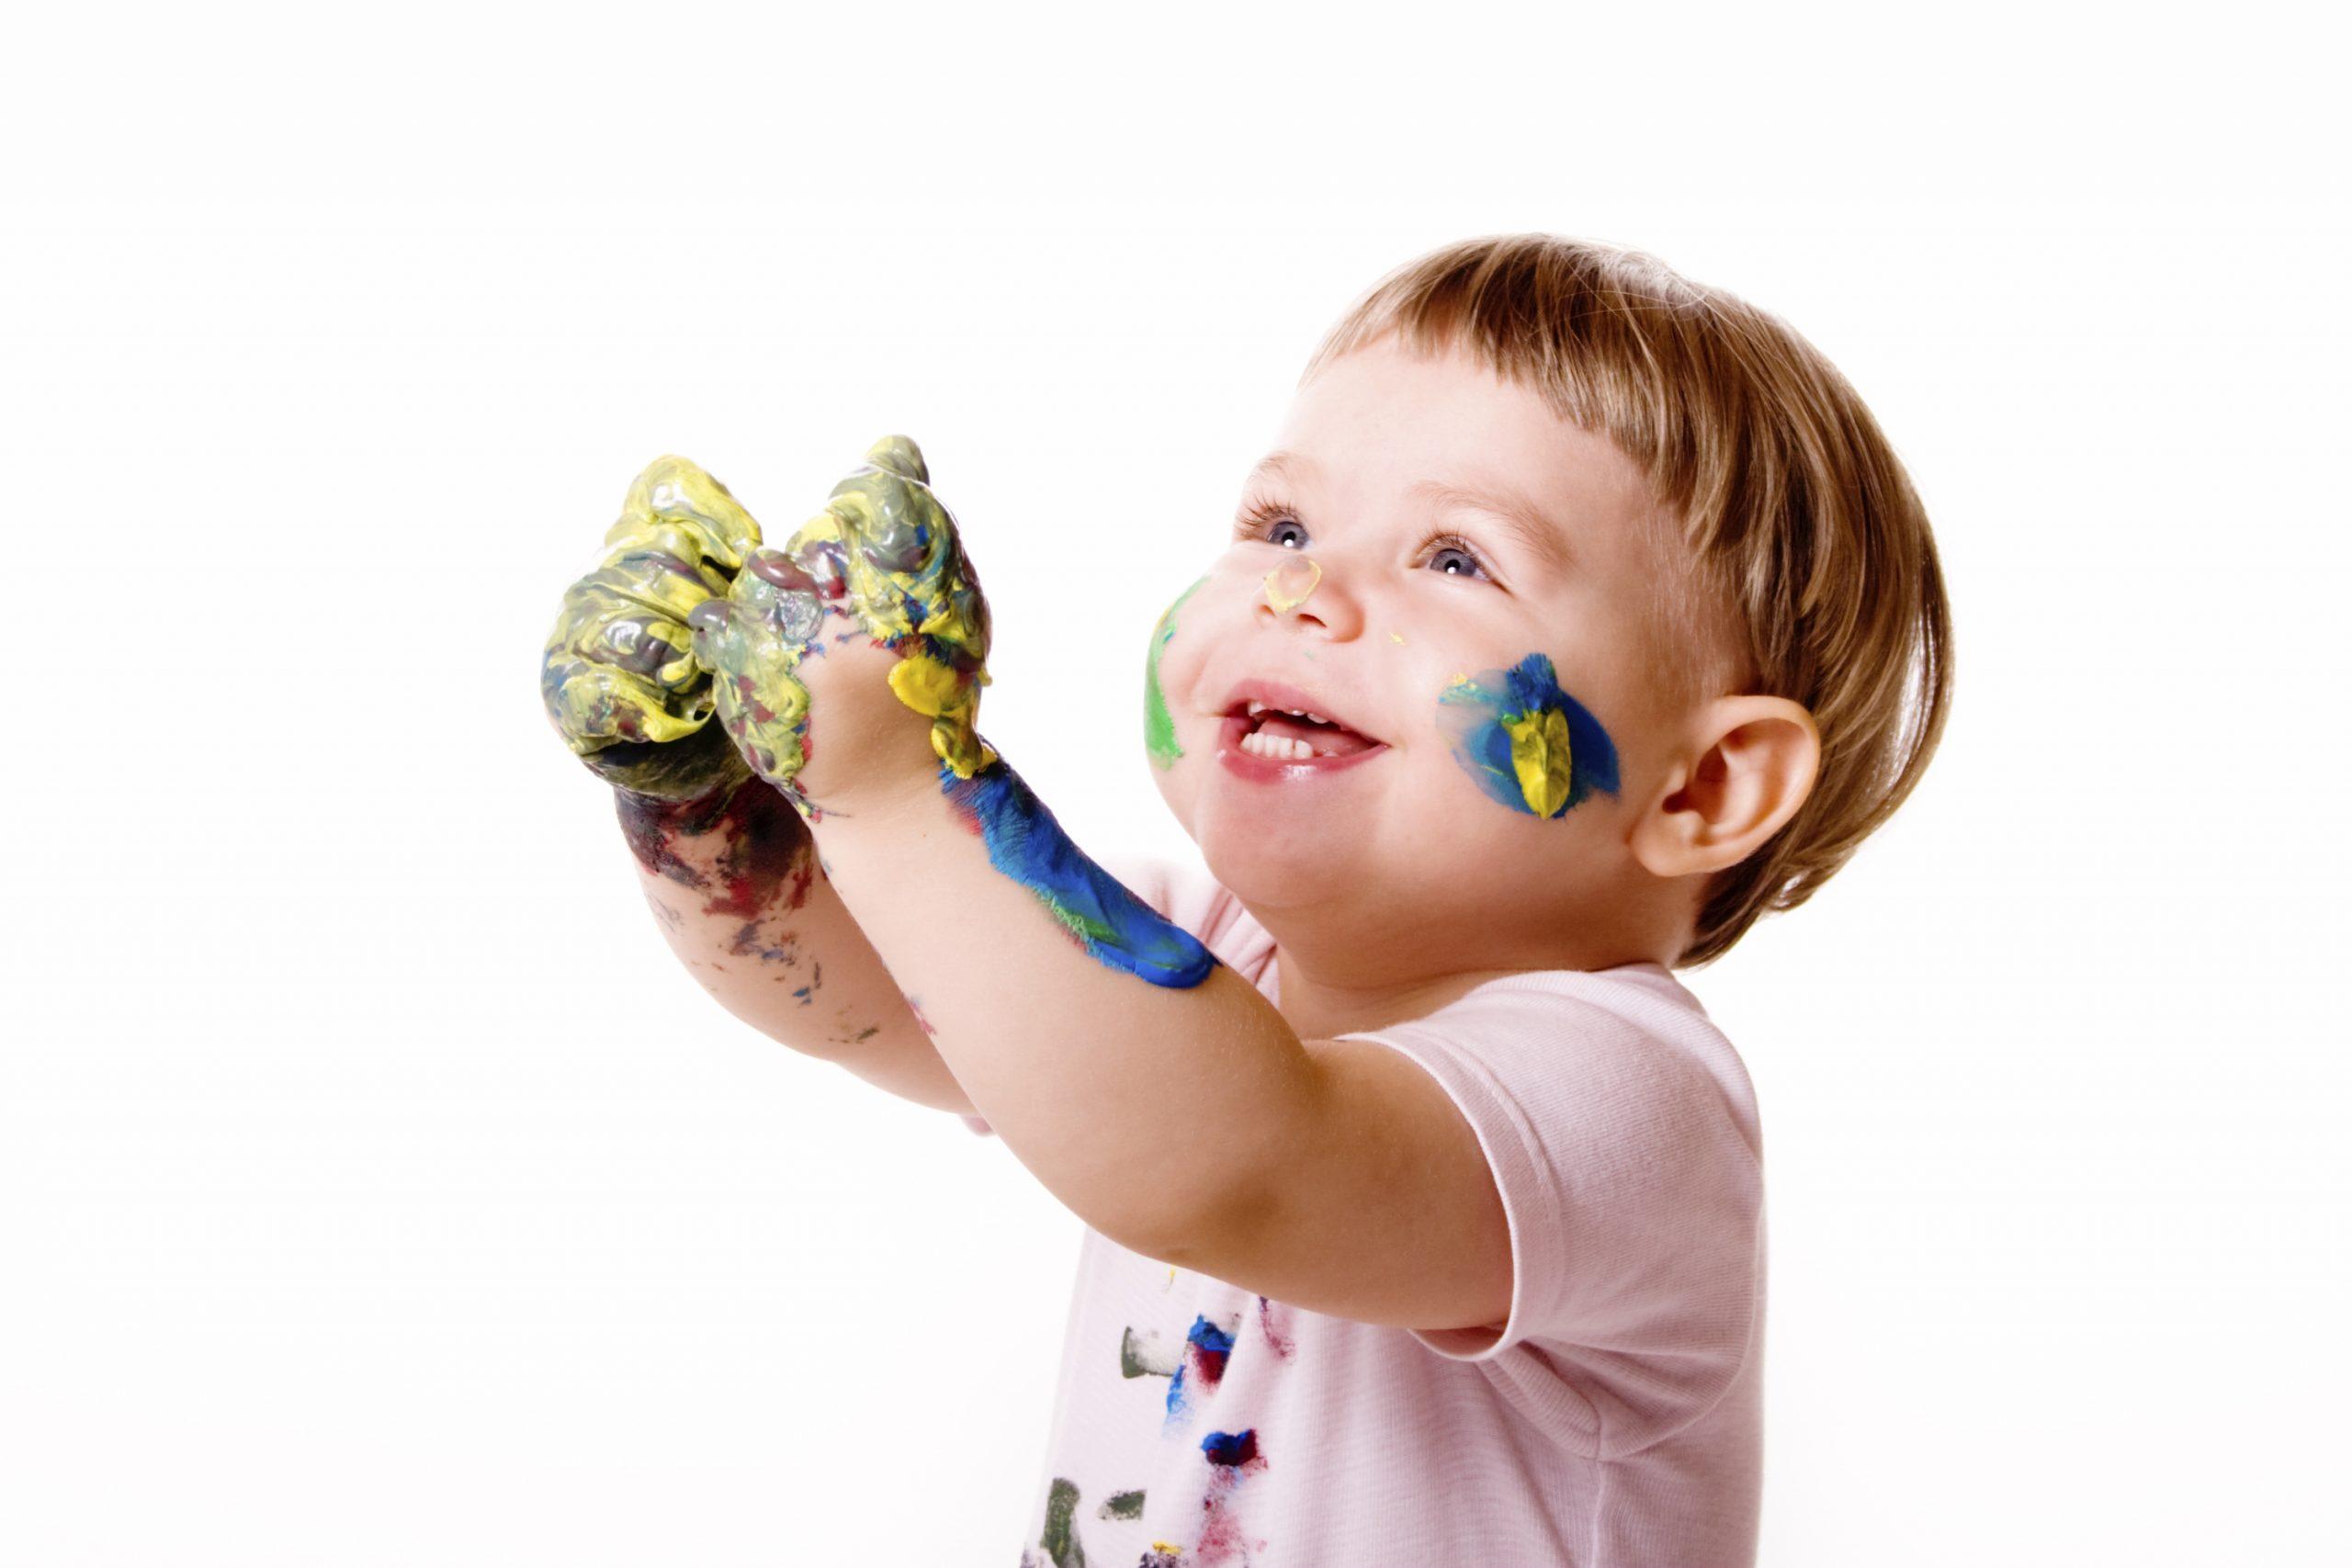 Bébé A 15 Mois : Jeux, Jouets Et Activités Ludiques intérieur Jeux Eveil Bebe 2 Mois